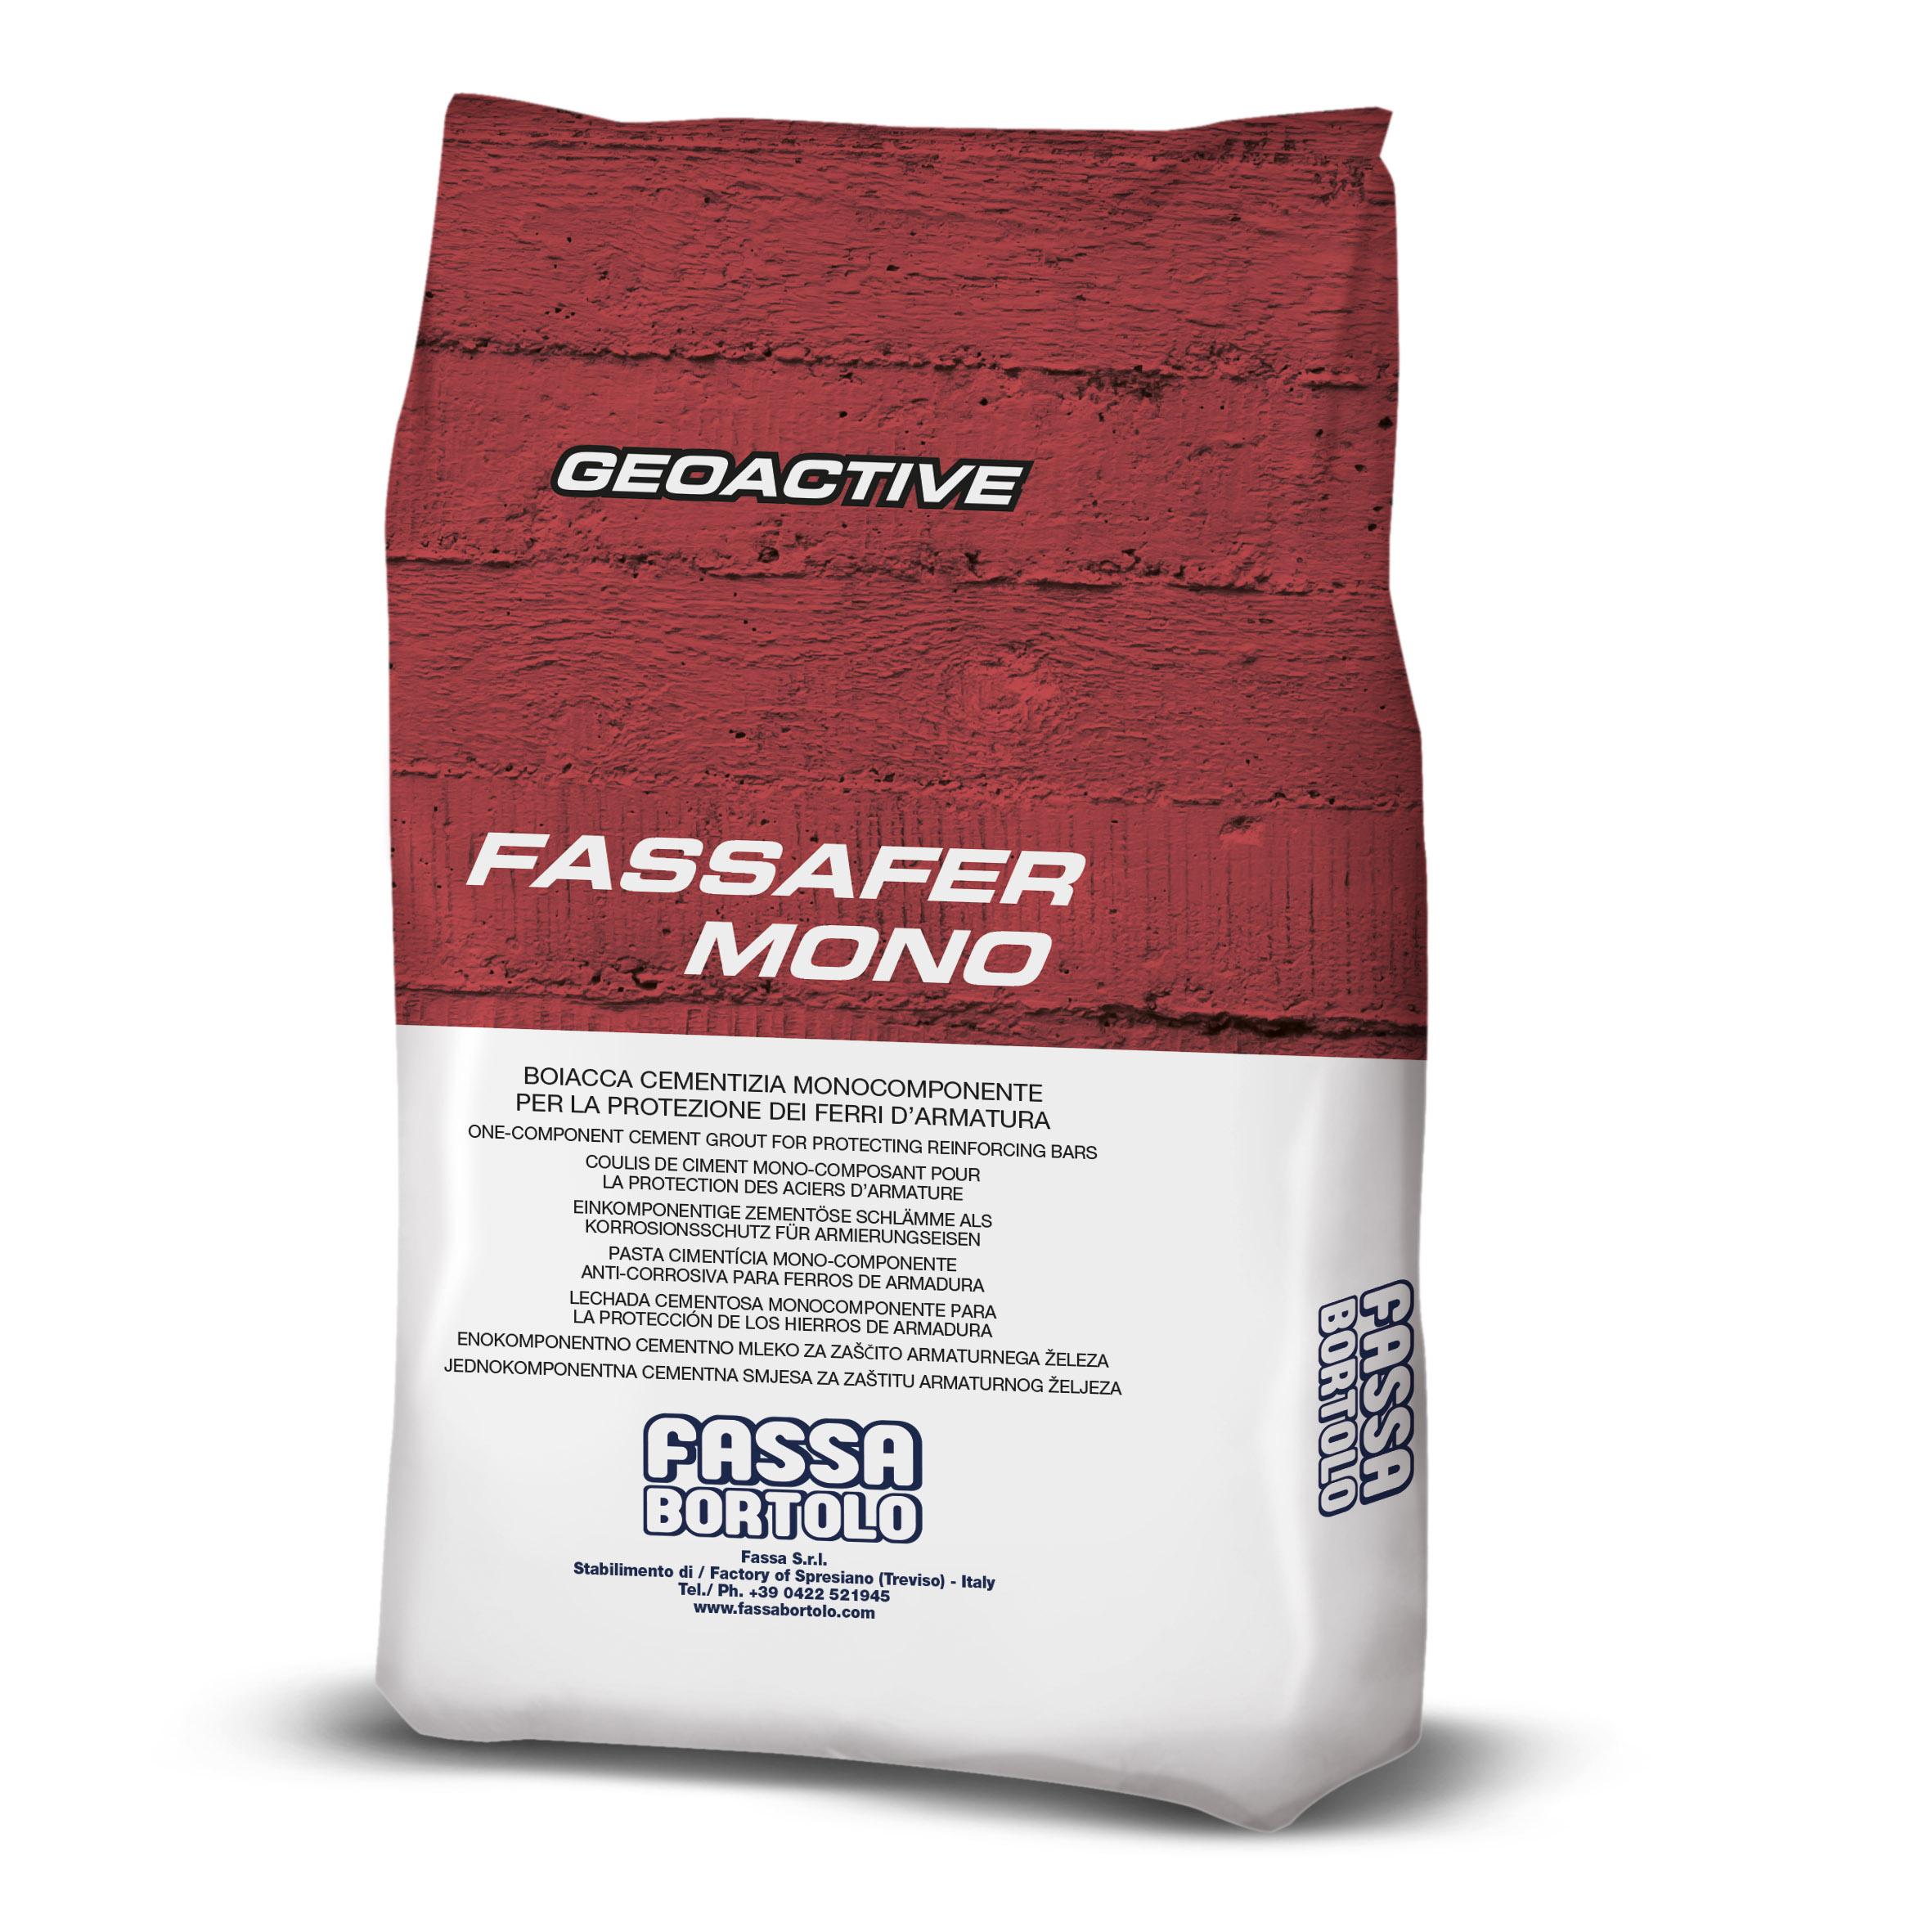 FASSAFER MONO: Tratamiento cementoso monocomponente para la protección activa de los hierros de armadura